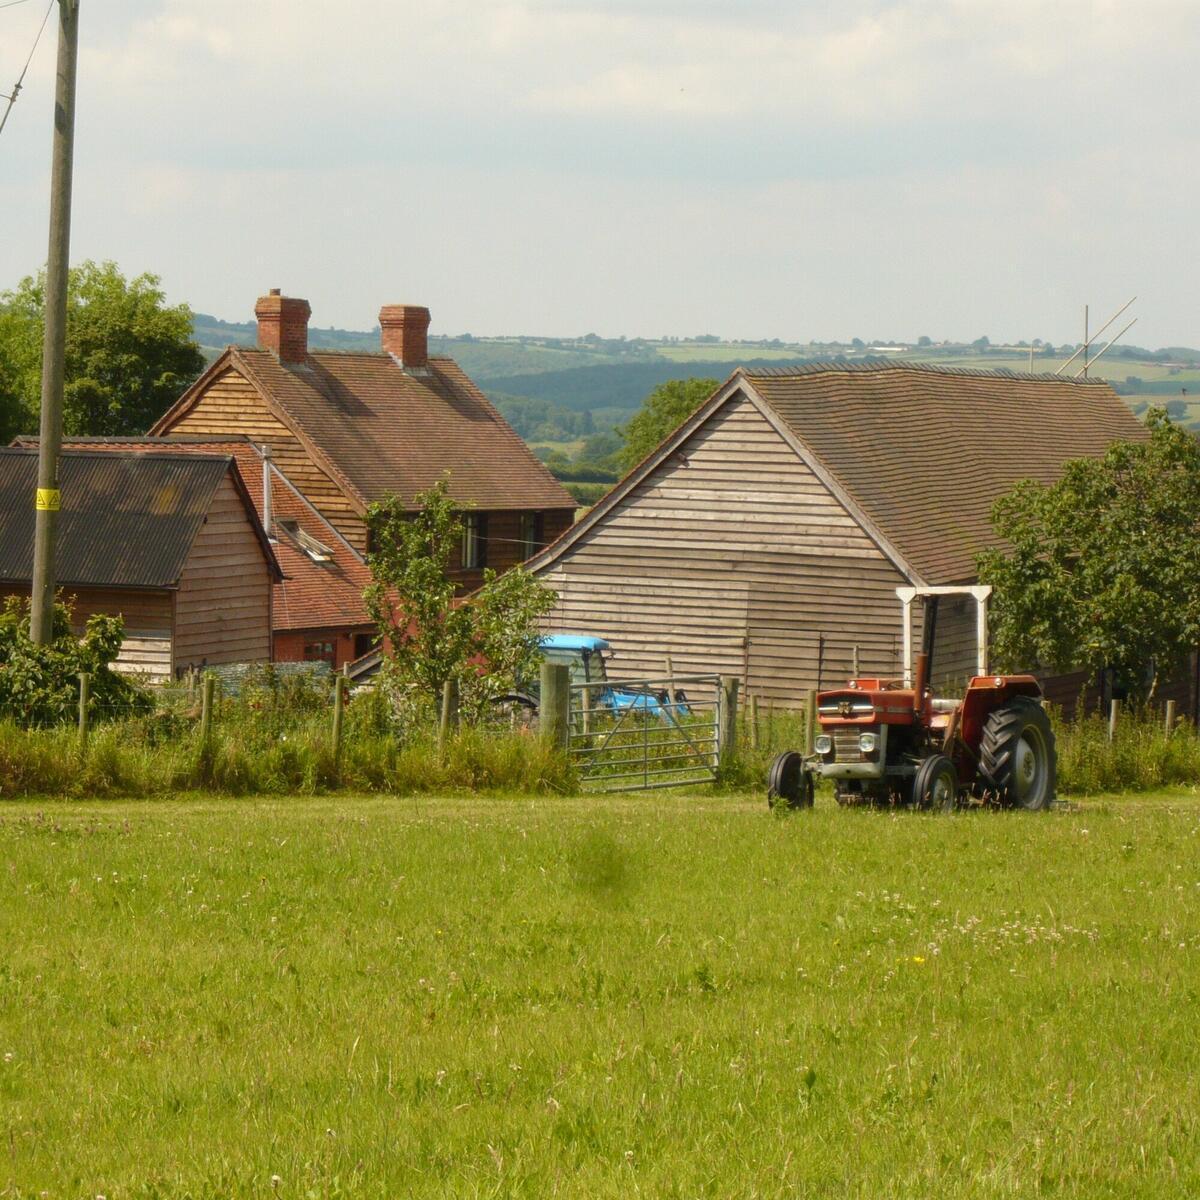 Butford Farm